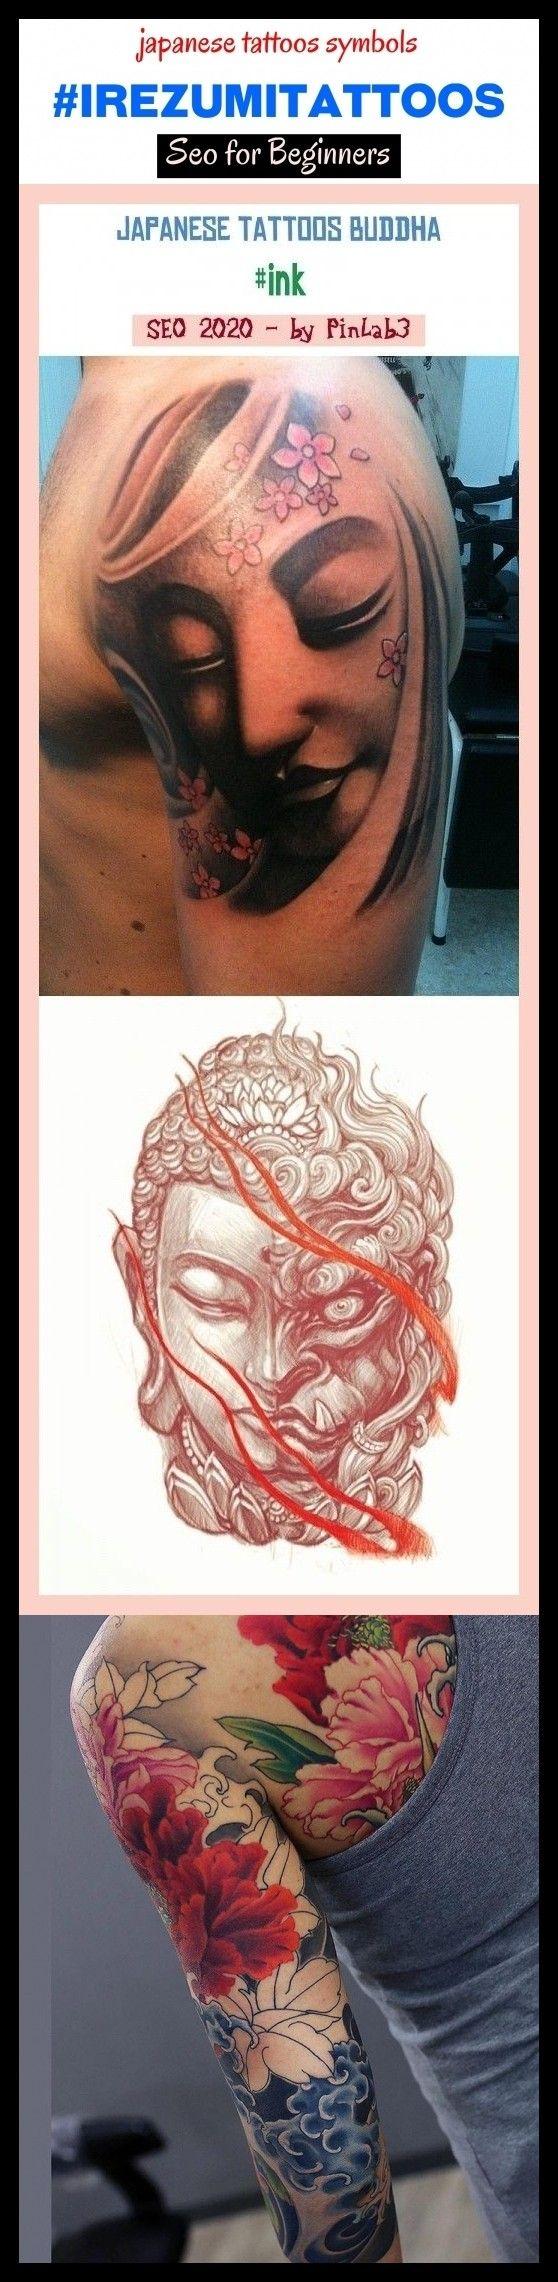 Japanese tattoos symbols . japanese tattoos women, japanese tattoos symbols, japanese tattoos sleeve, japanese tattoos